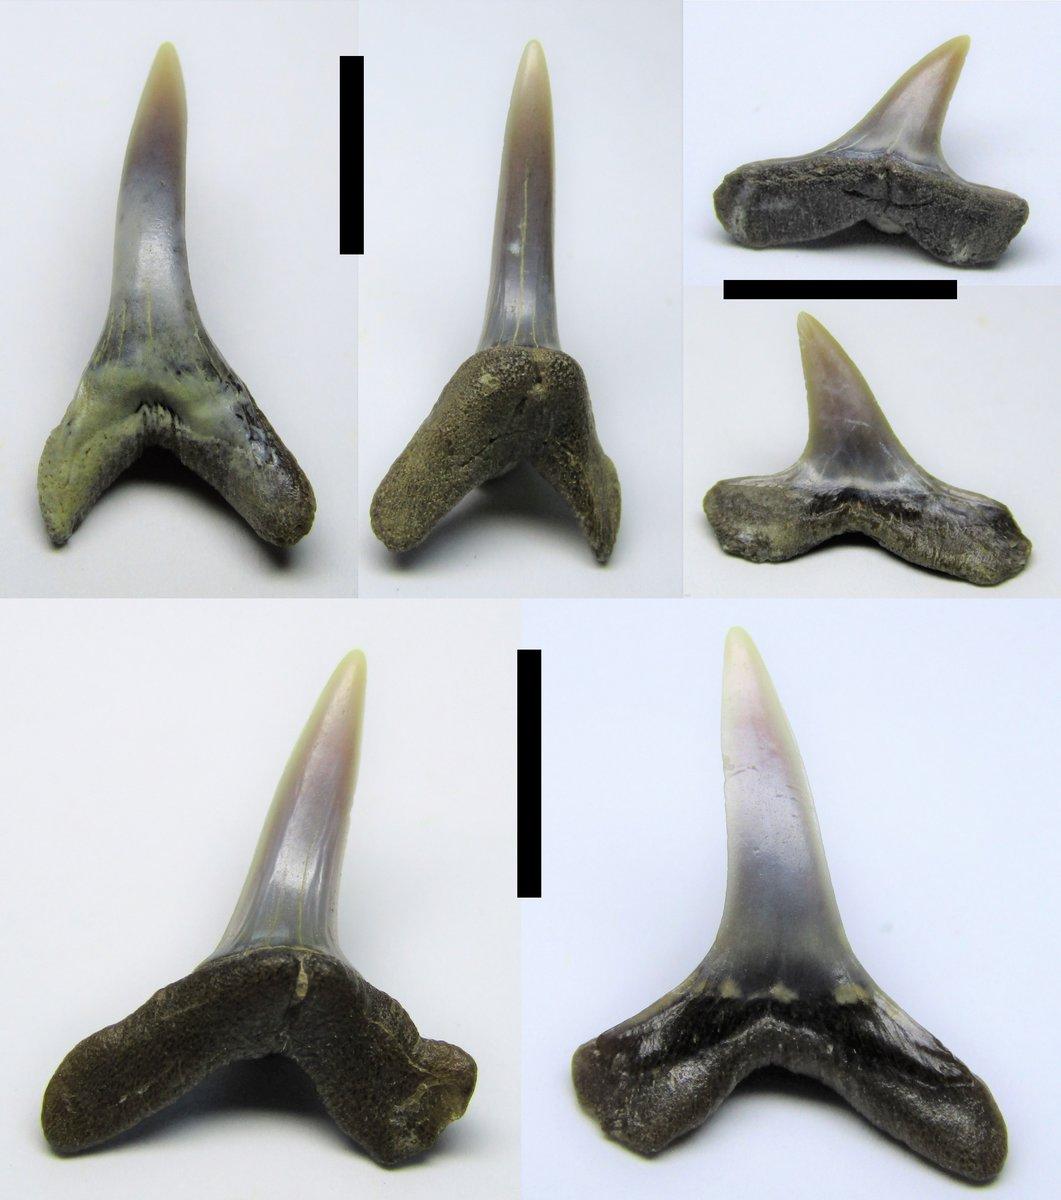 Anomotodon sheppeyensis